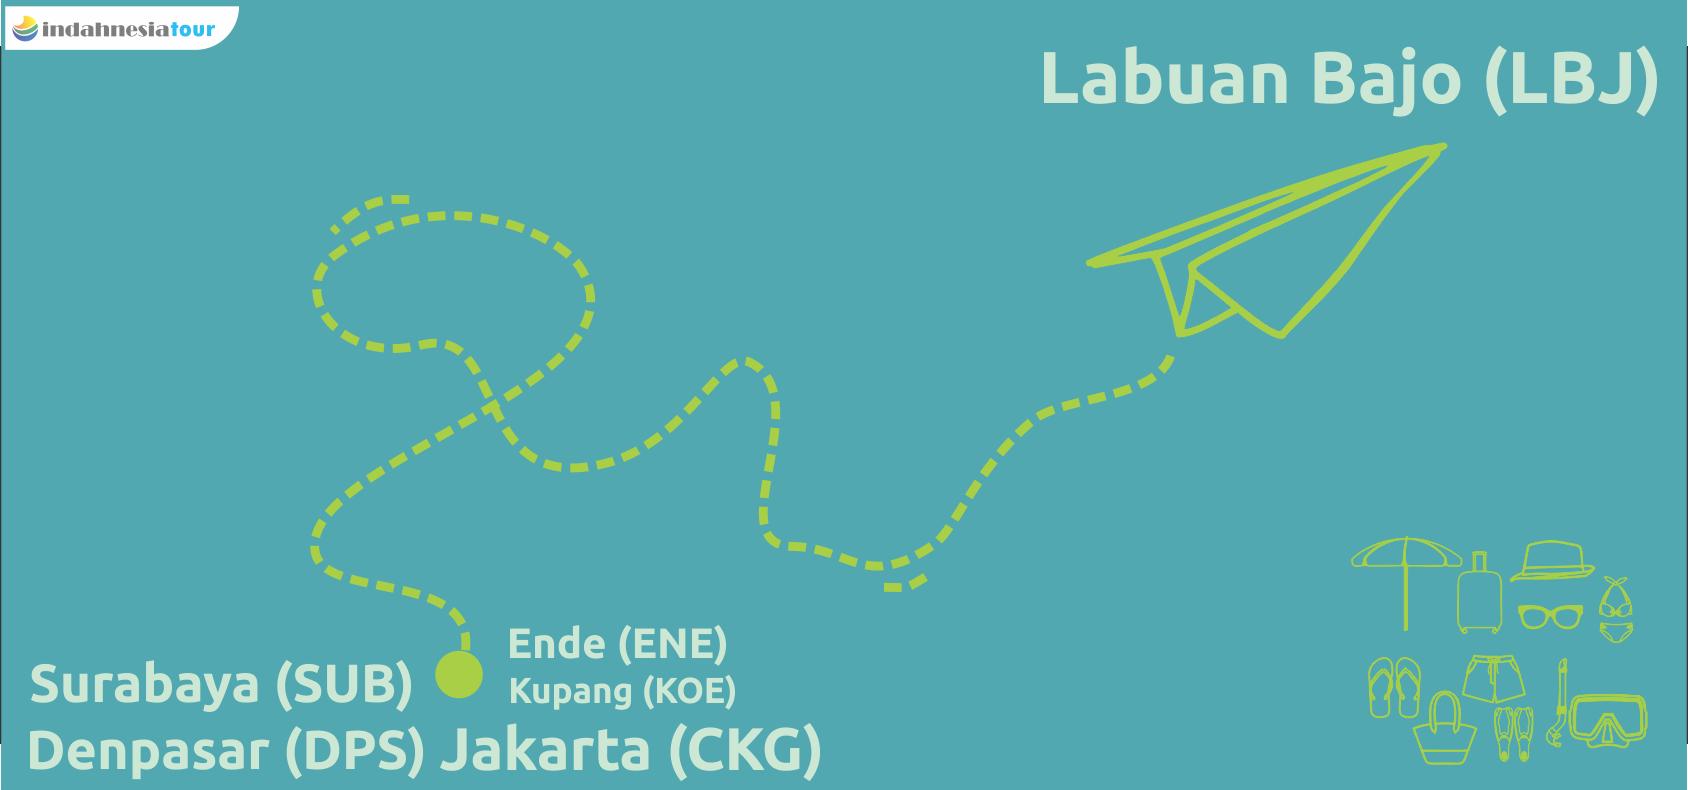 Jadwal Penerbangan Lengkap Ke Labuan Bajo Indahnesia Tour